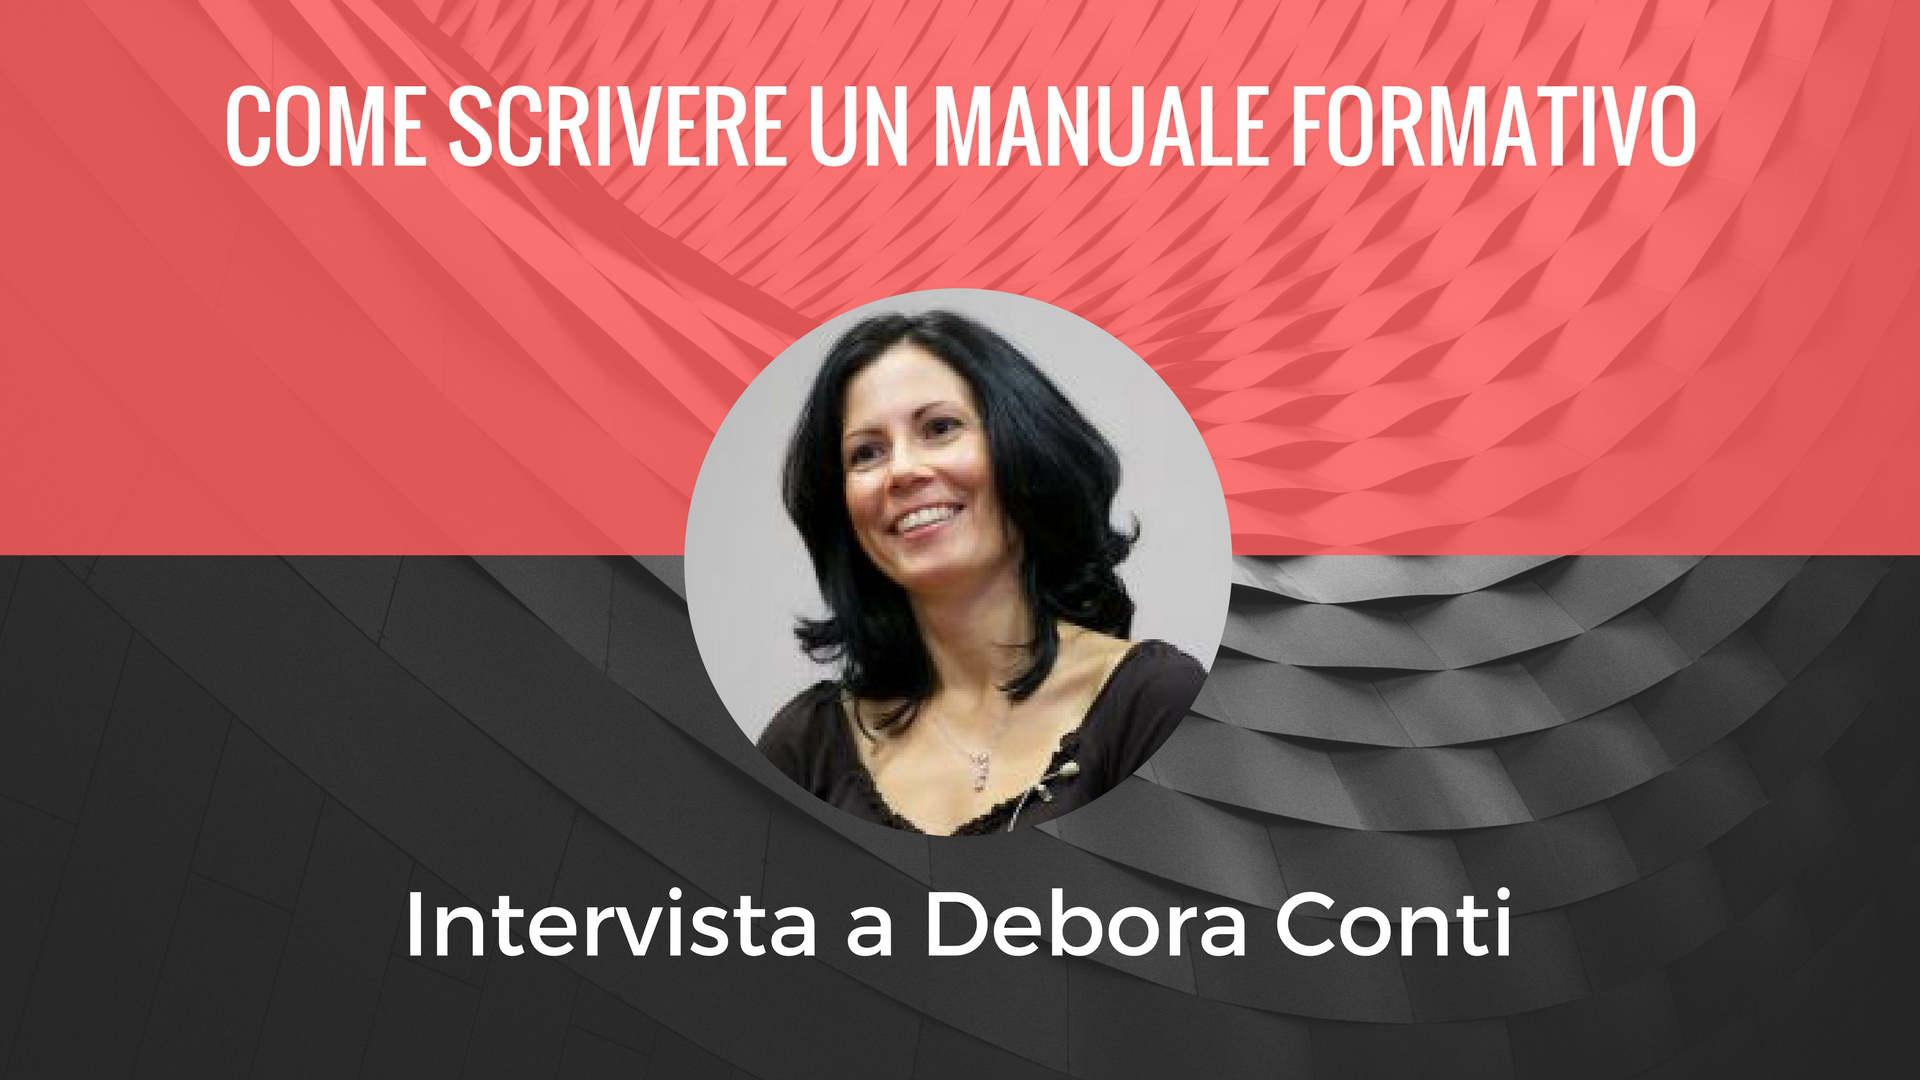 Intervista a Debora Conti